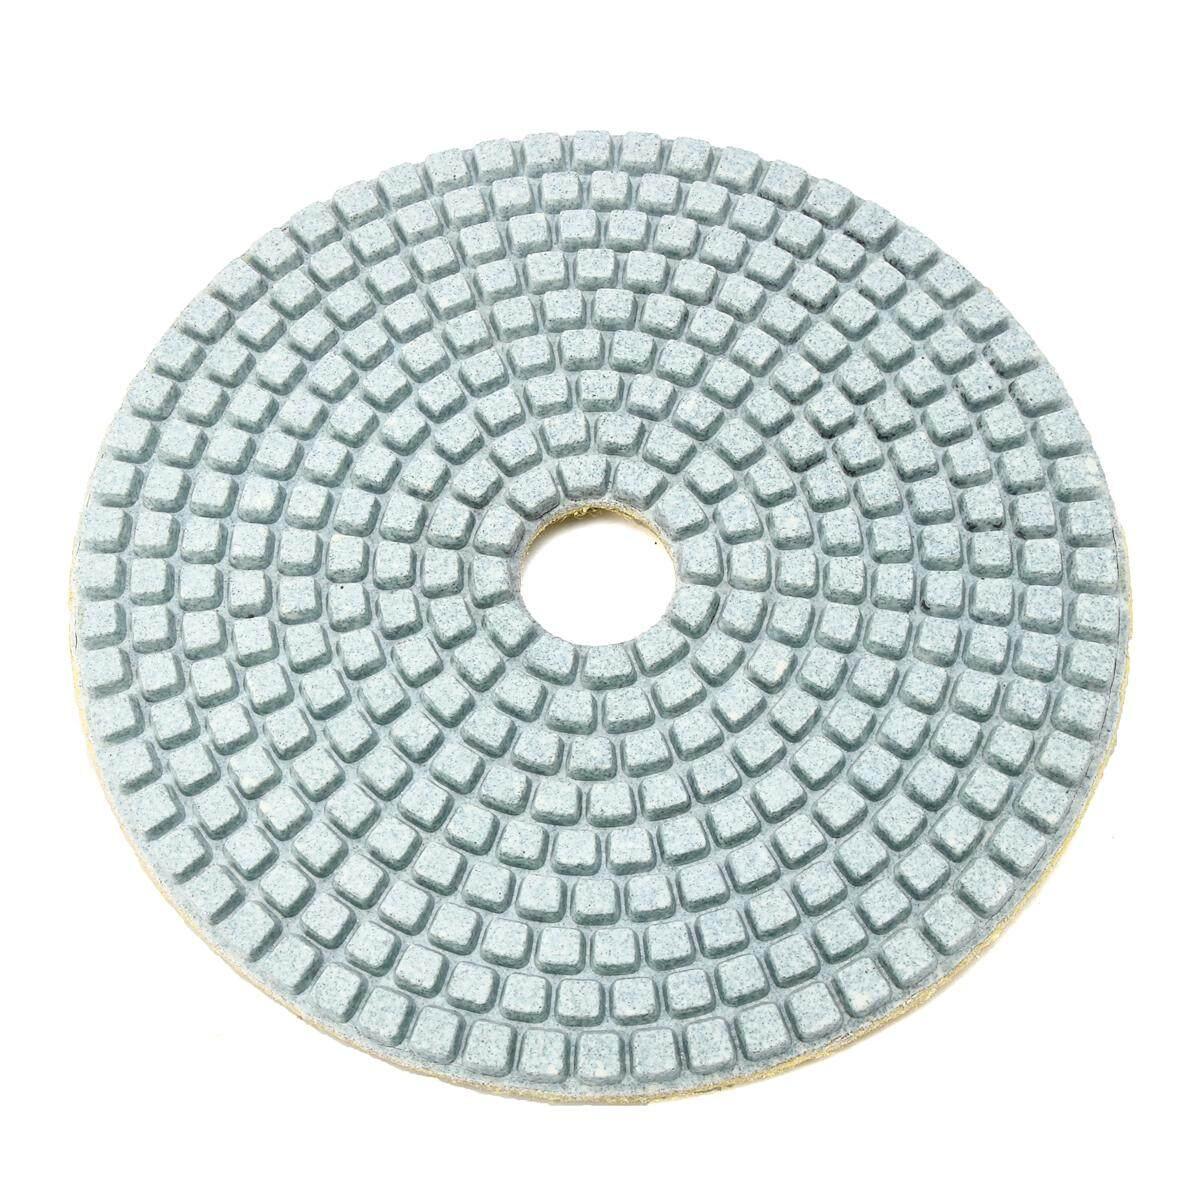 5 Inch 100 Model Kotak-kotak Basah Kering Berlian Alas Poles Amplas Disc Granit Beton